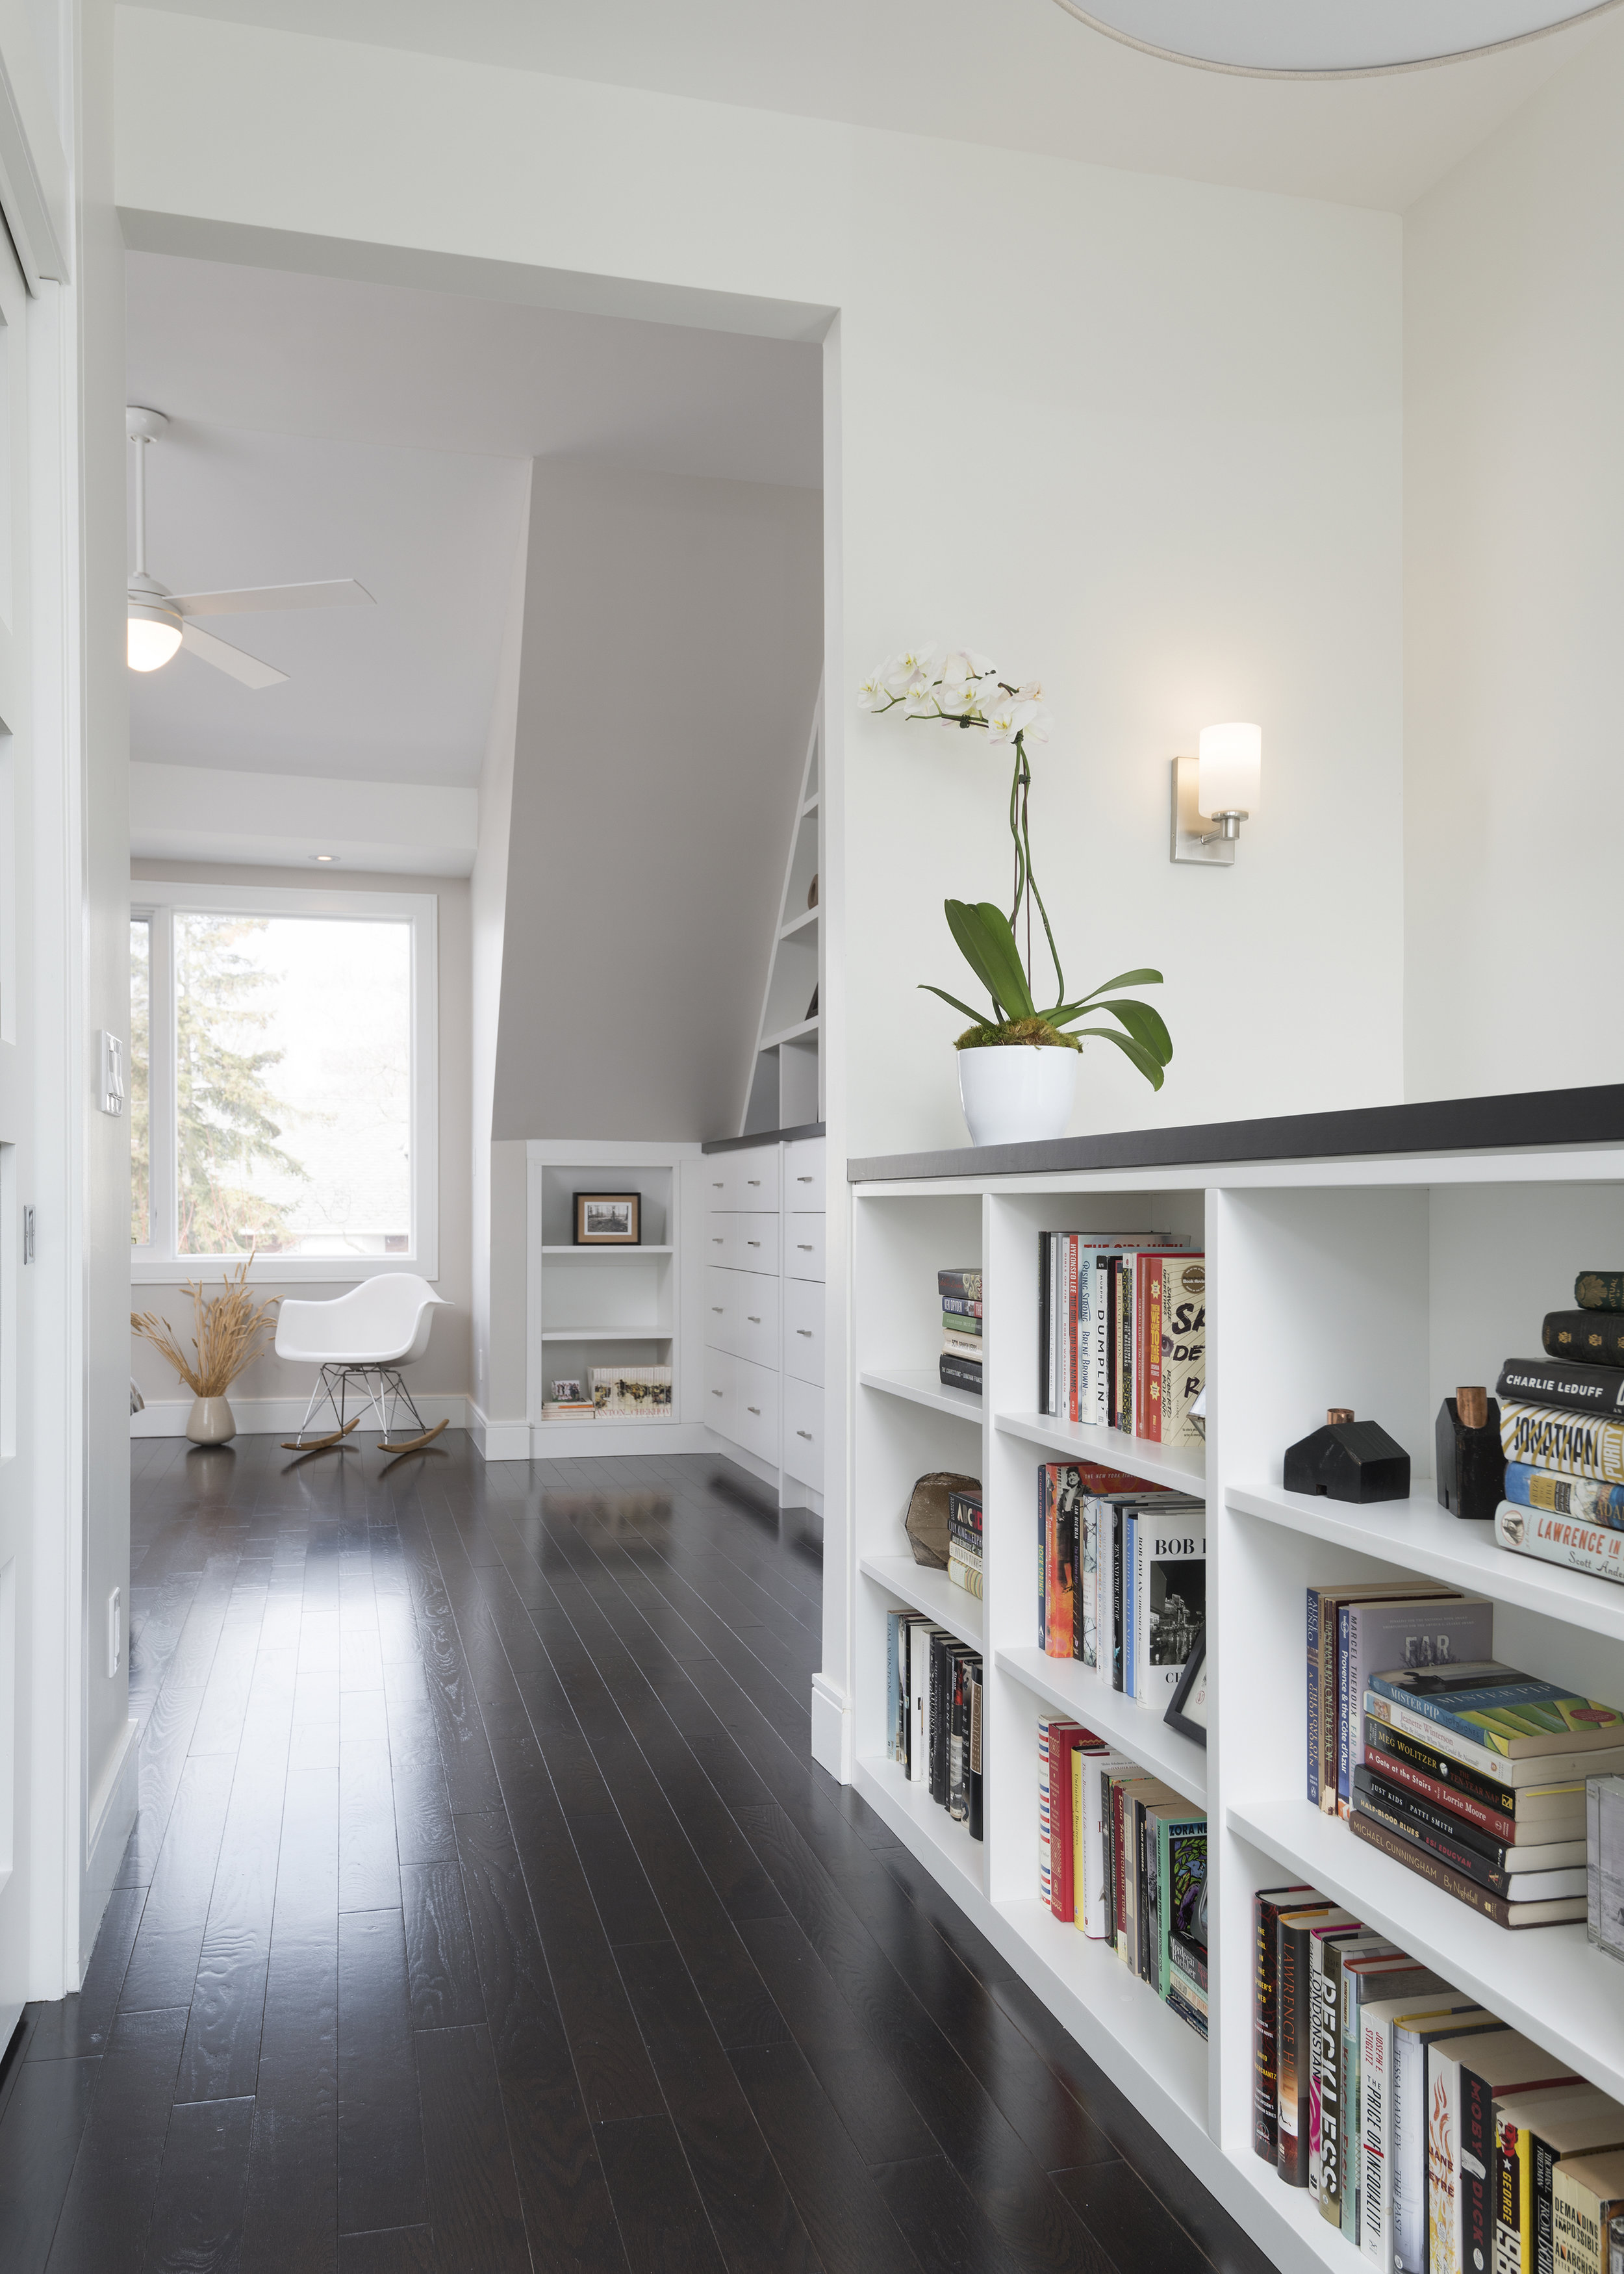 Hallway to Master Bedroom